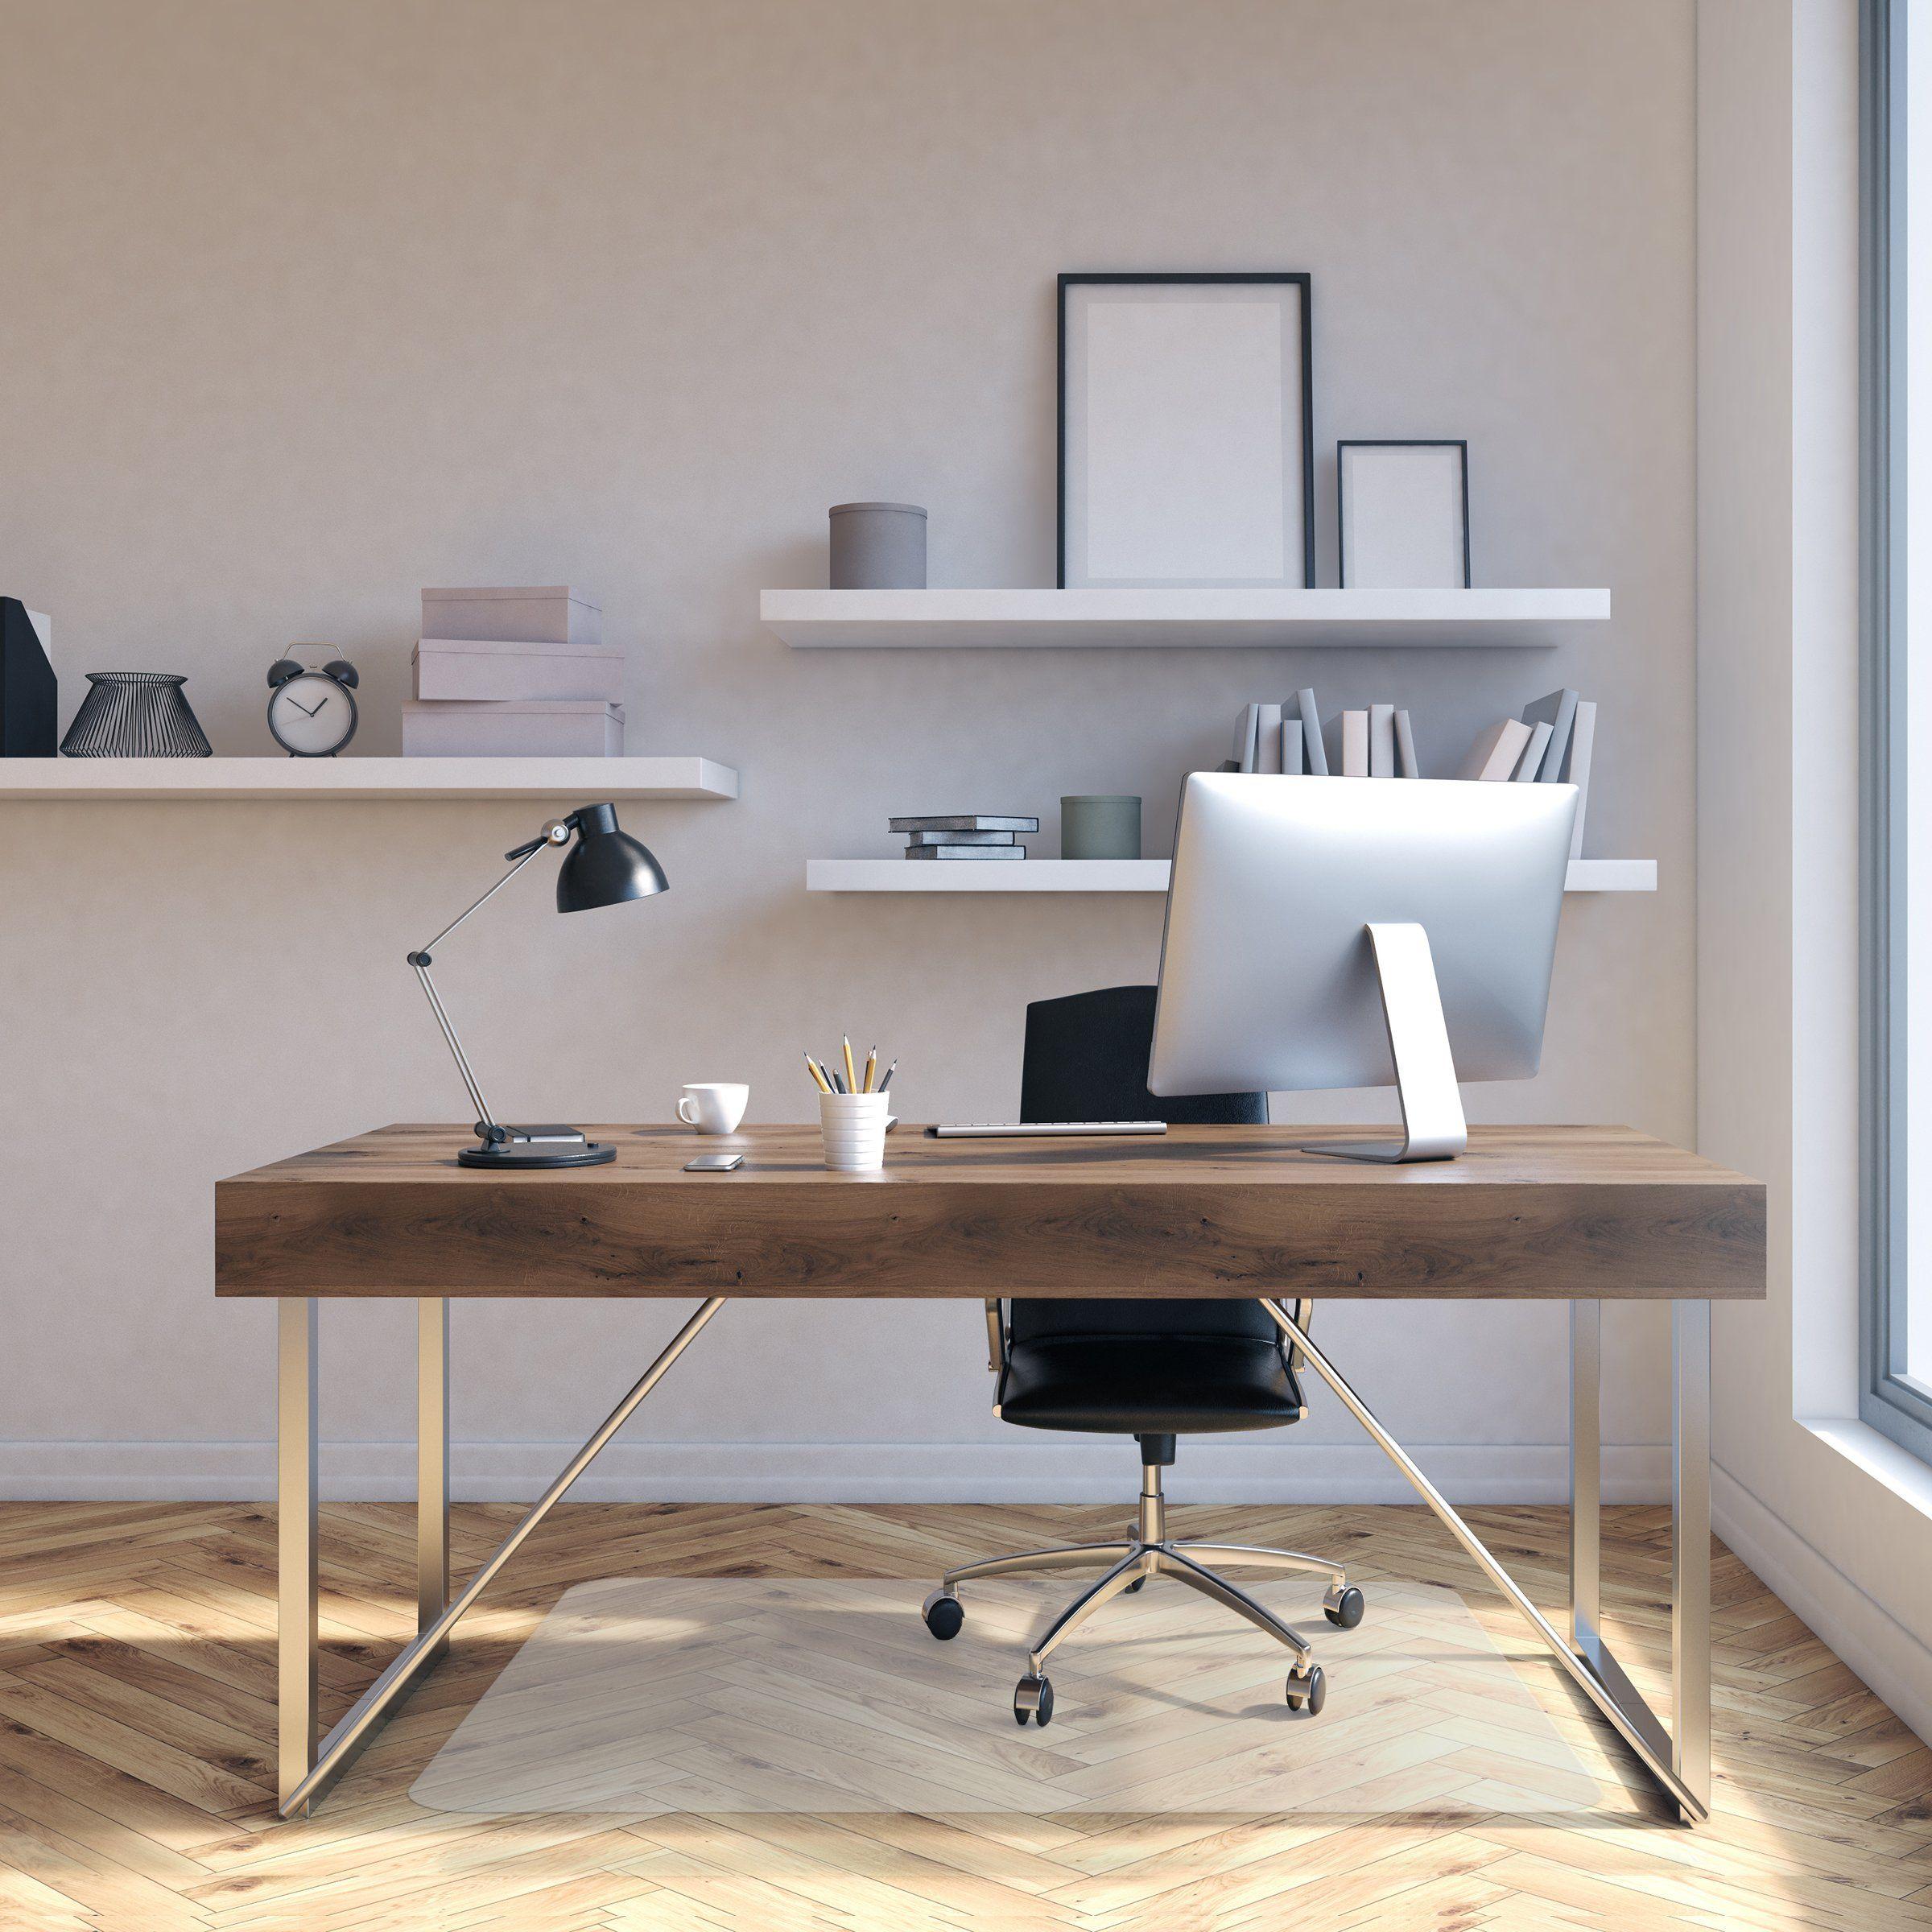 Office Chair Mat for Hardwood Floor Opaque Office Floor